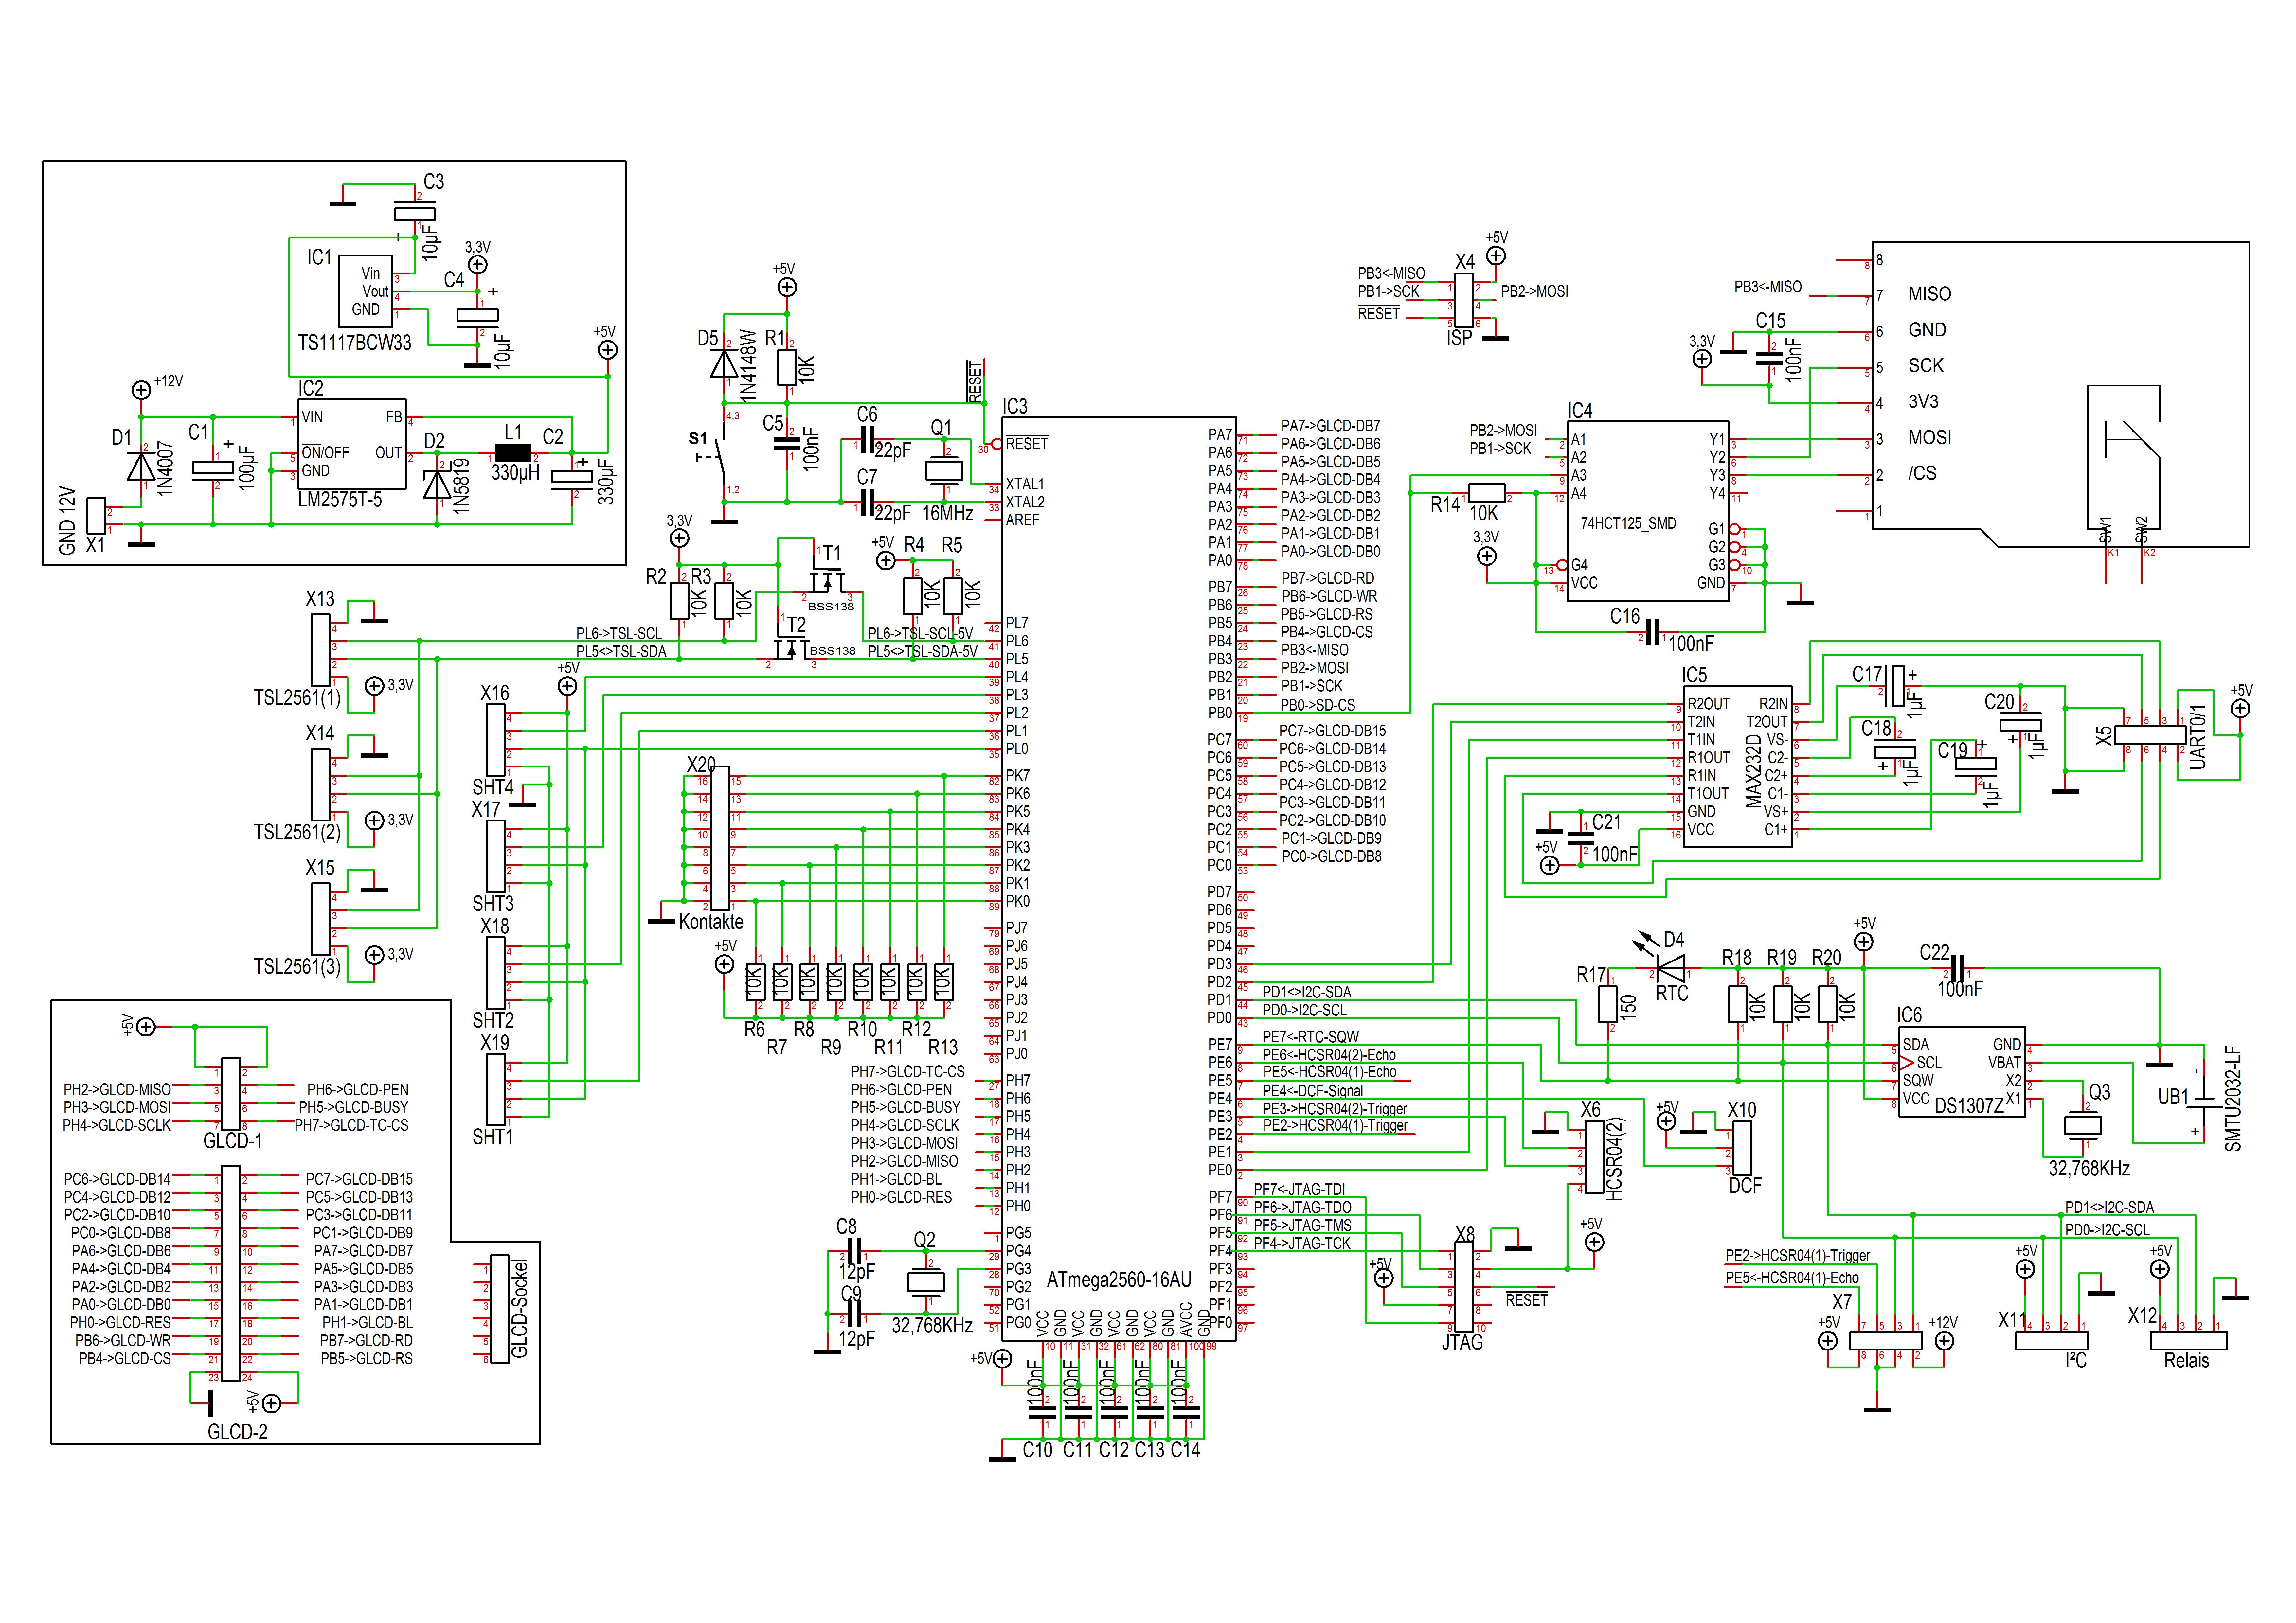 Tolle Netzwerk Schaltpläne Ideen - Elektrische Schaltplan-Ideen ...